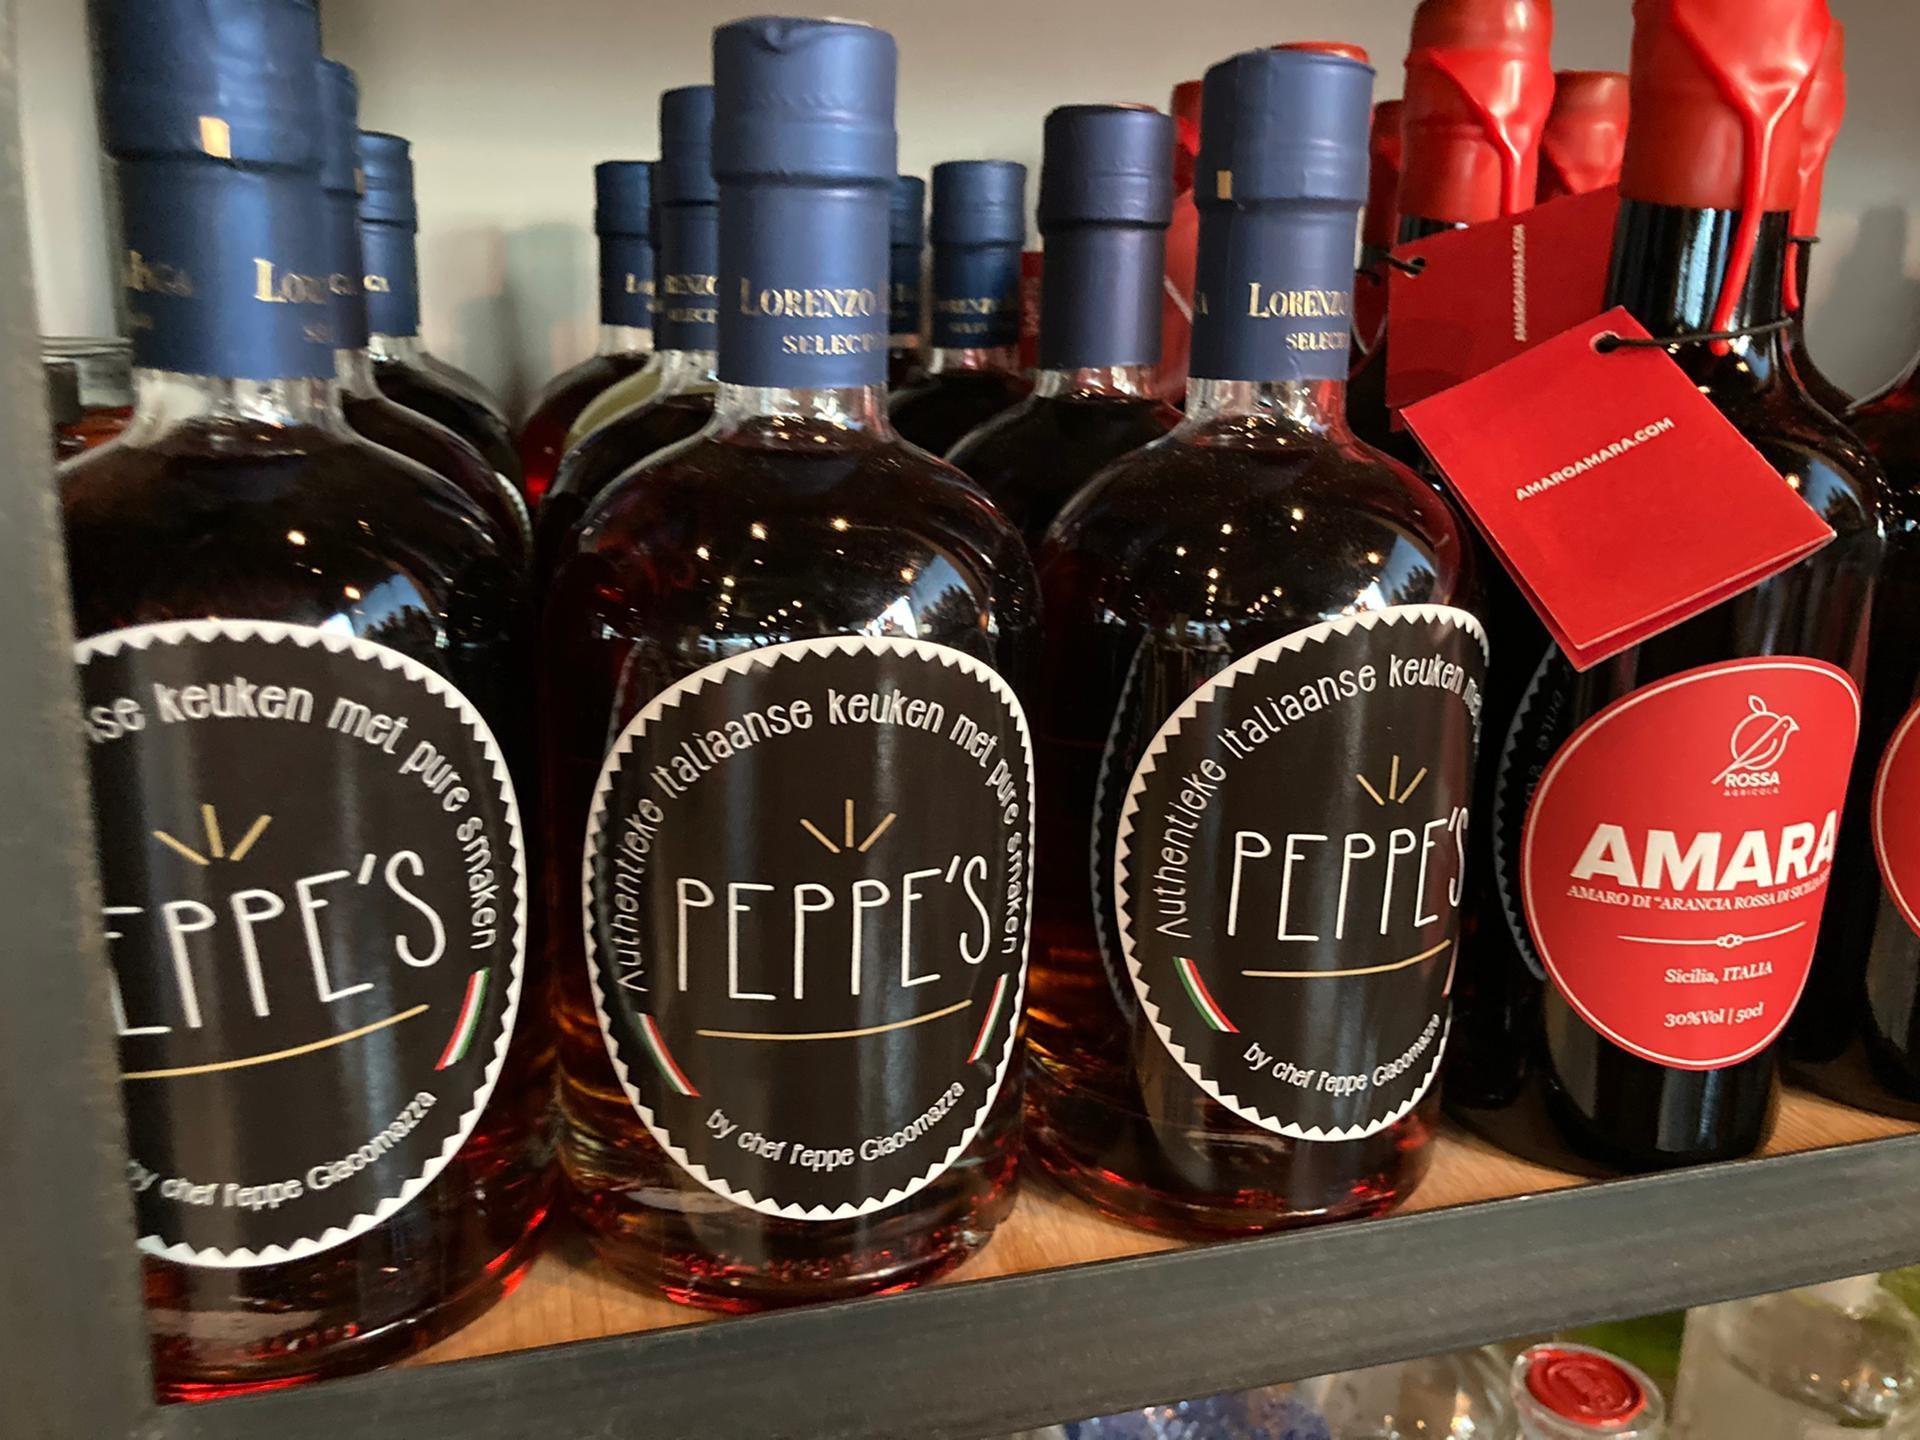 Peppe's Peppe's Amaretto 50cl